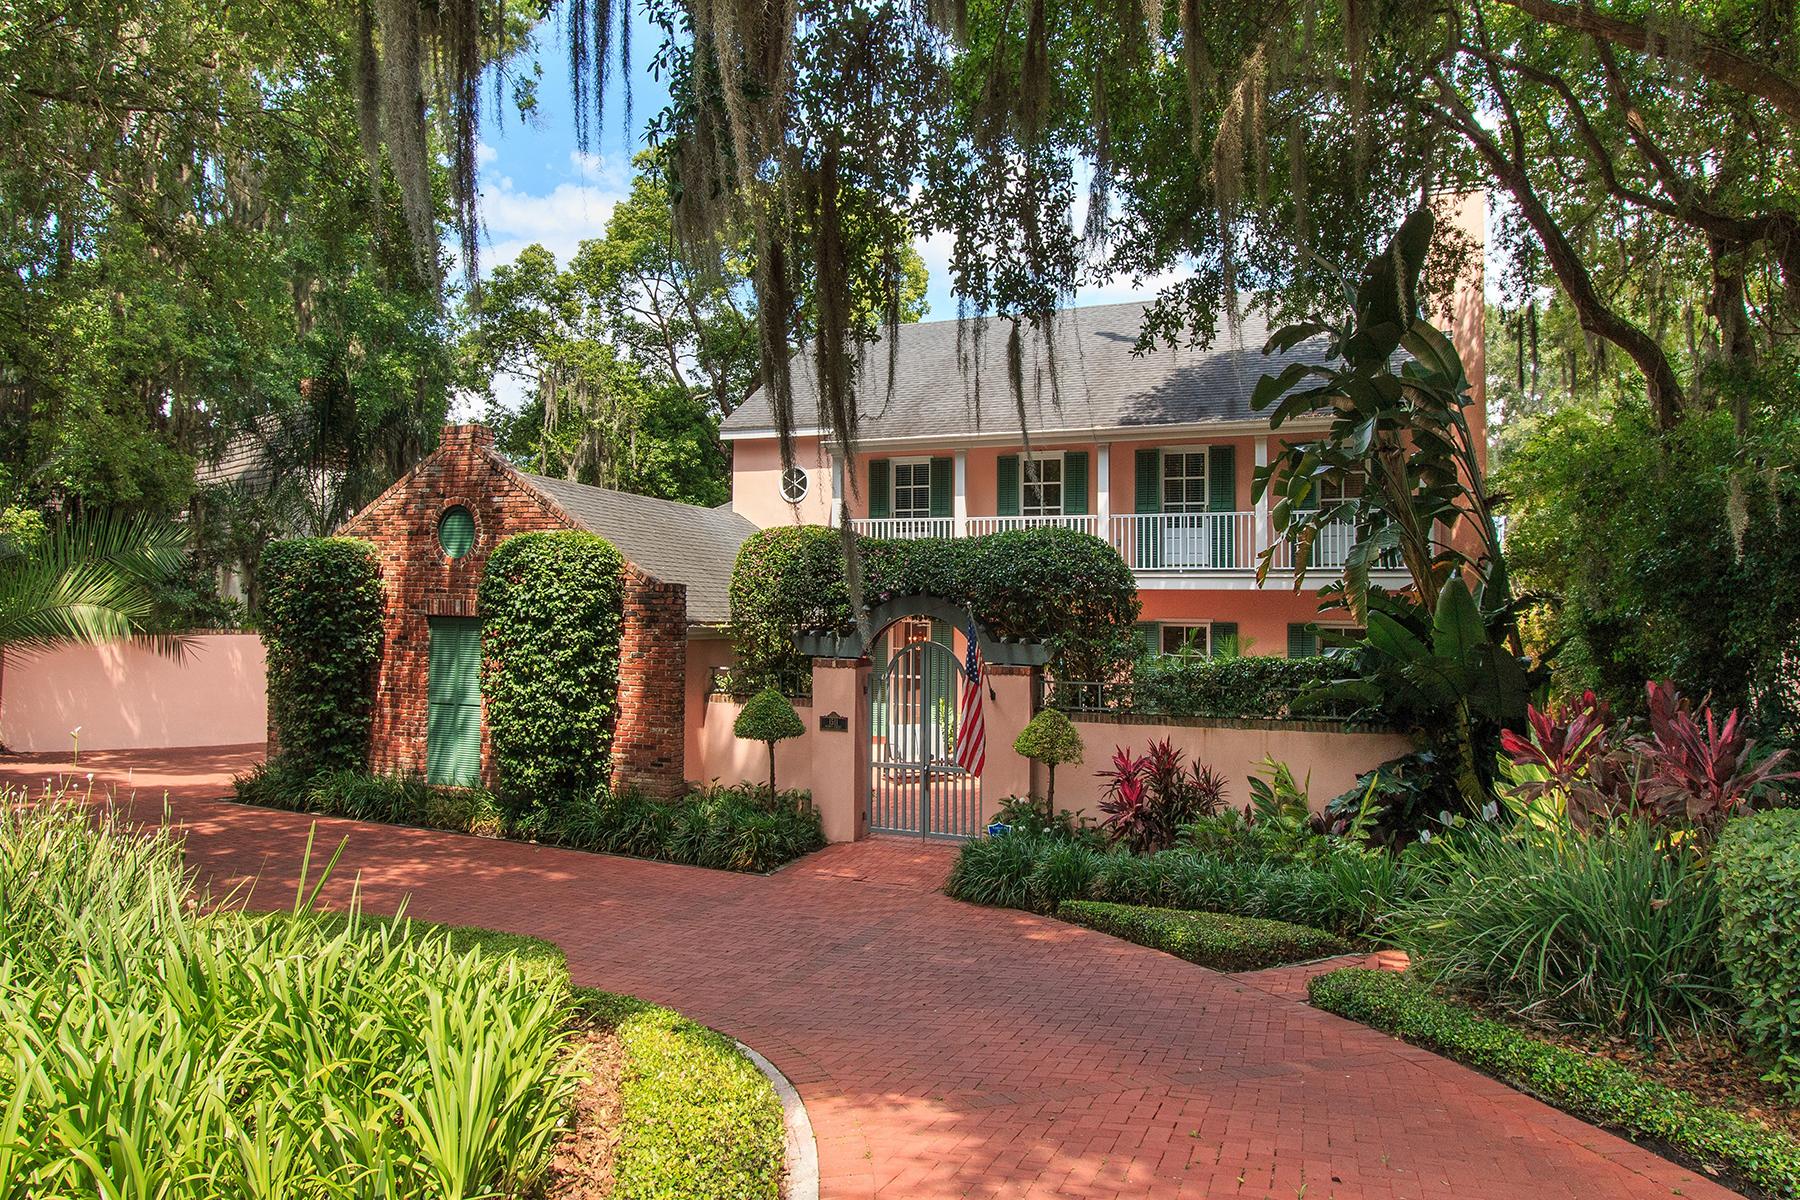 Частный односемейный дом для того Продажа на 1511 Harris Cir , Winter Park, FL 32789 1511 Harris Cir Winter Park, Флорида, 32789 Соединенные Штаты